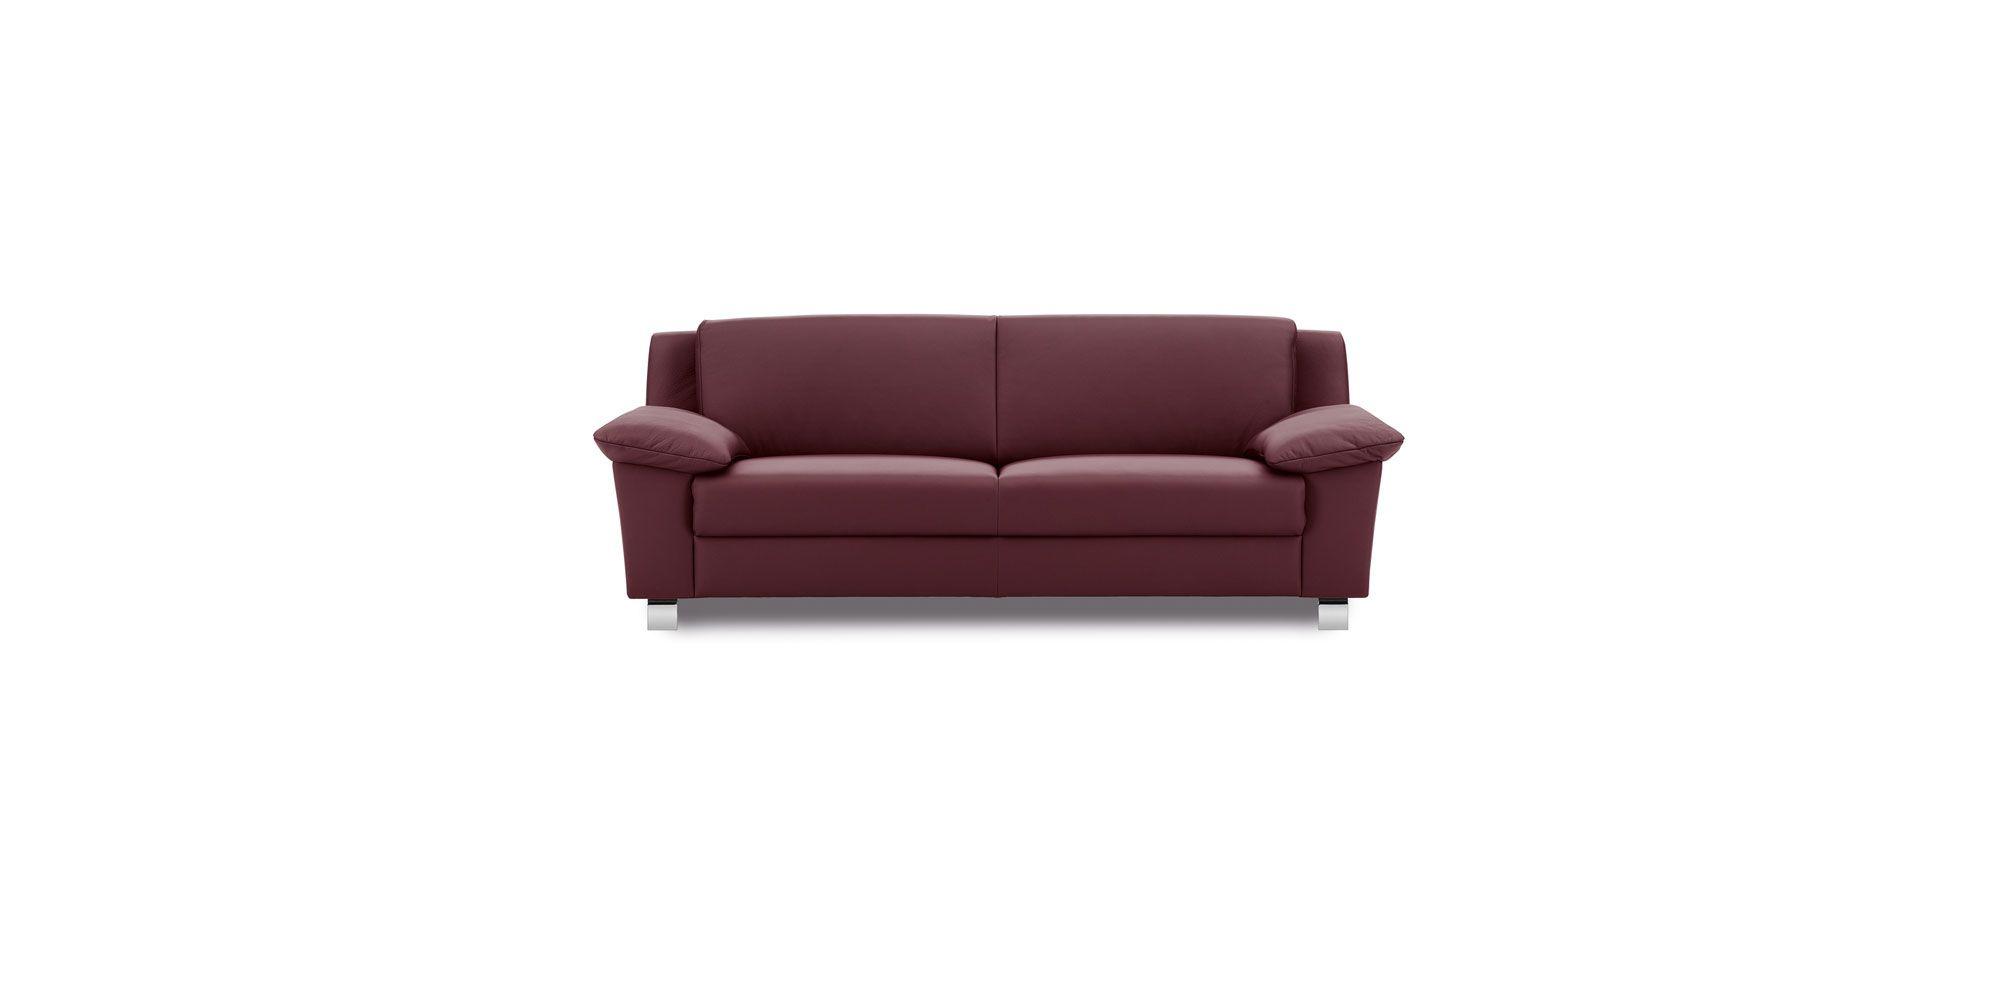 Sofa SelectionPlus - individueller Baukasten - Ewald Schillig brand ...